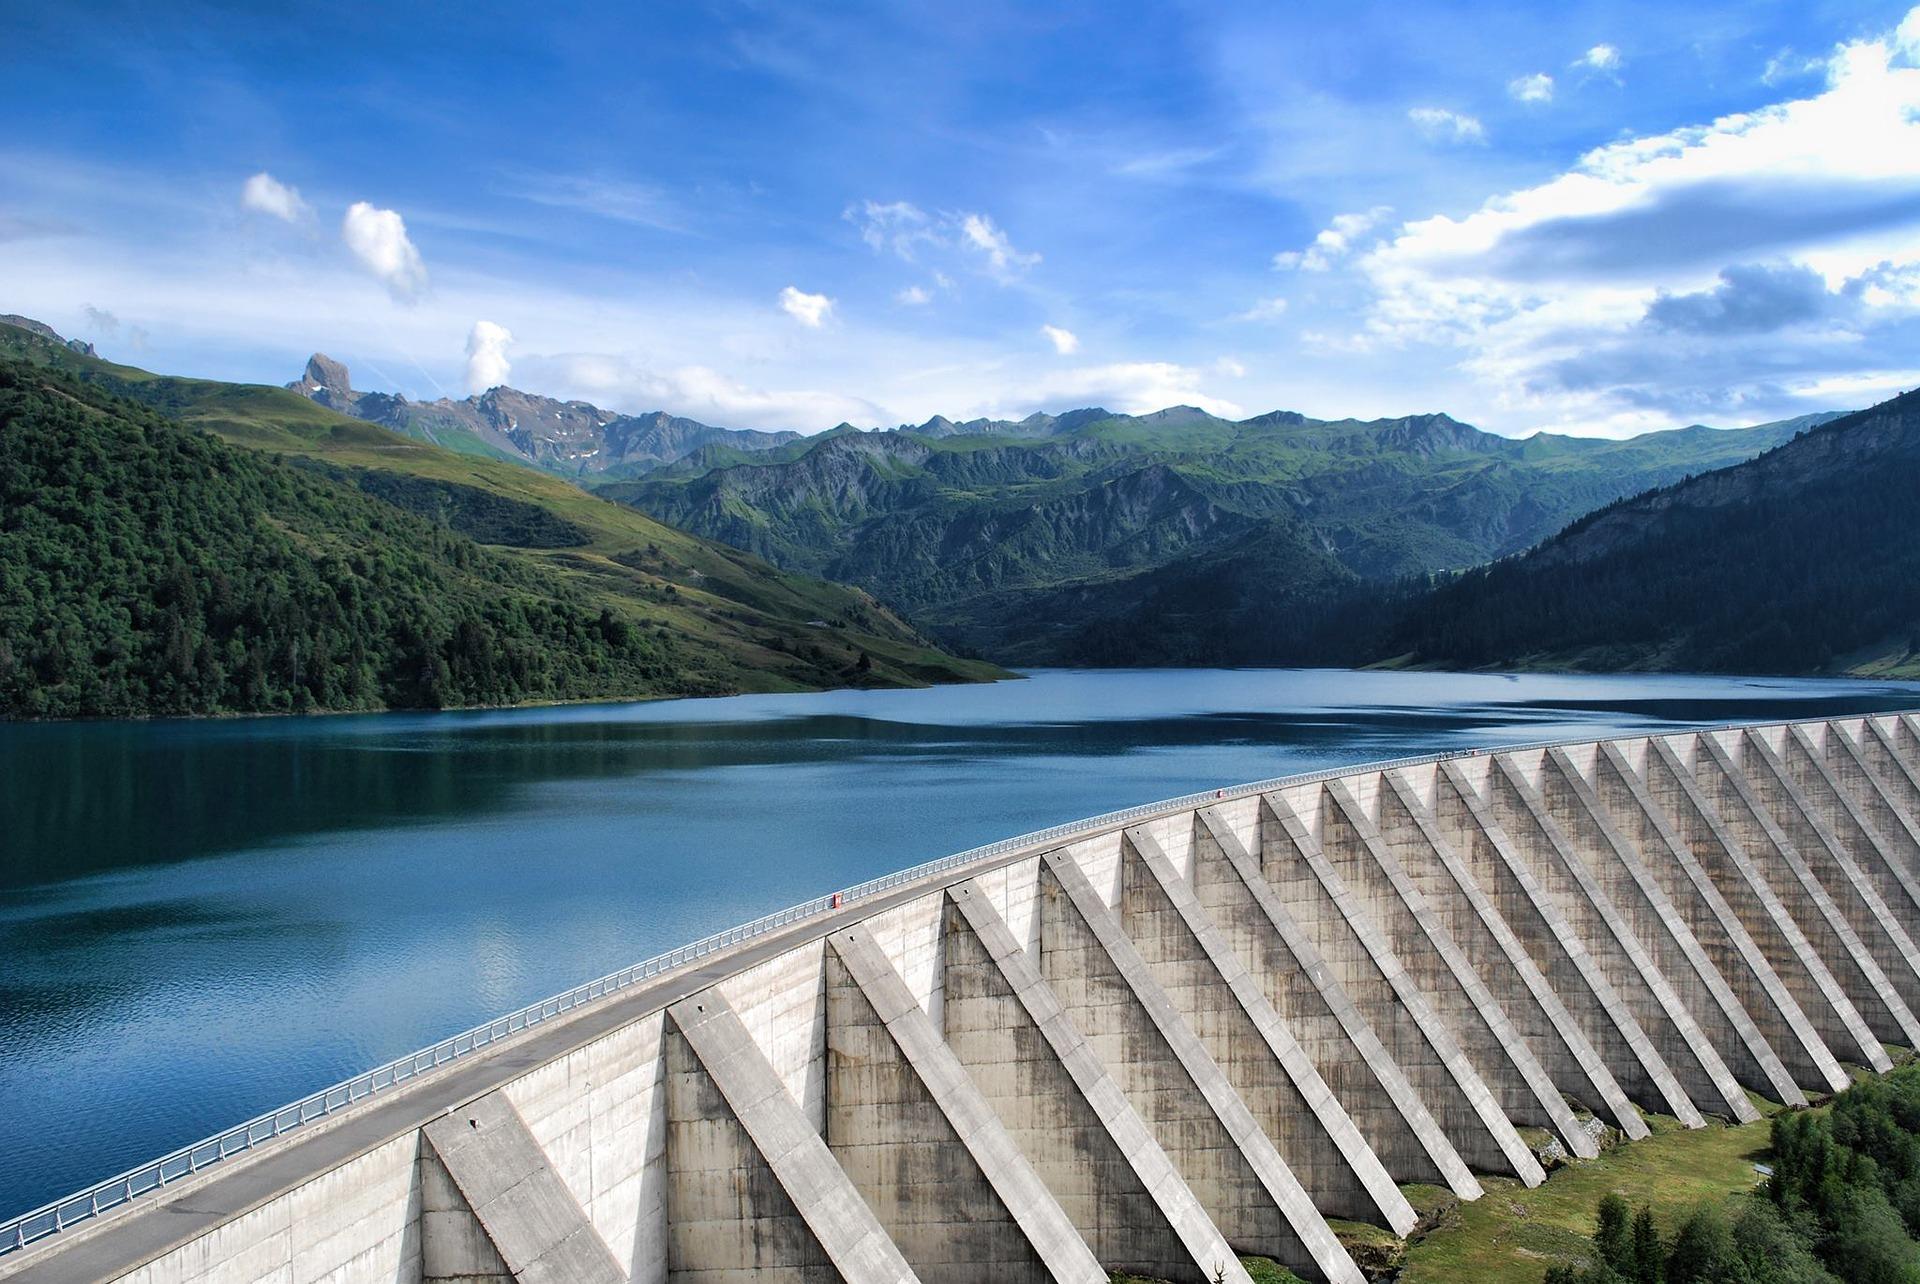 barrage énergie verte renouvelable offre électricité